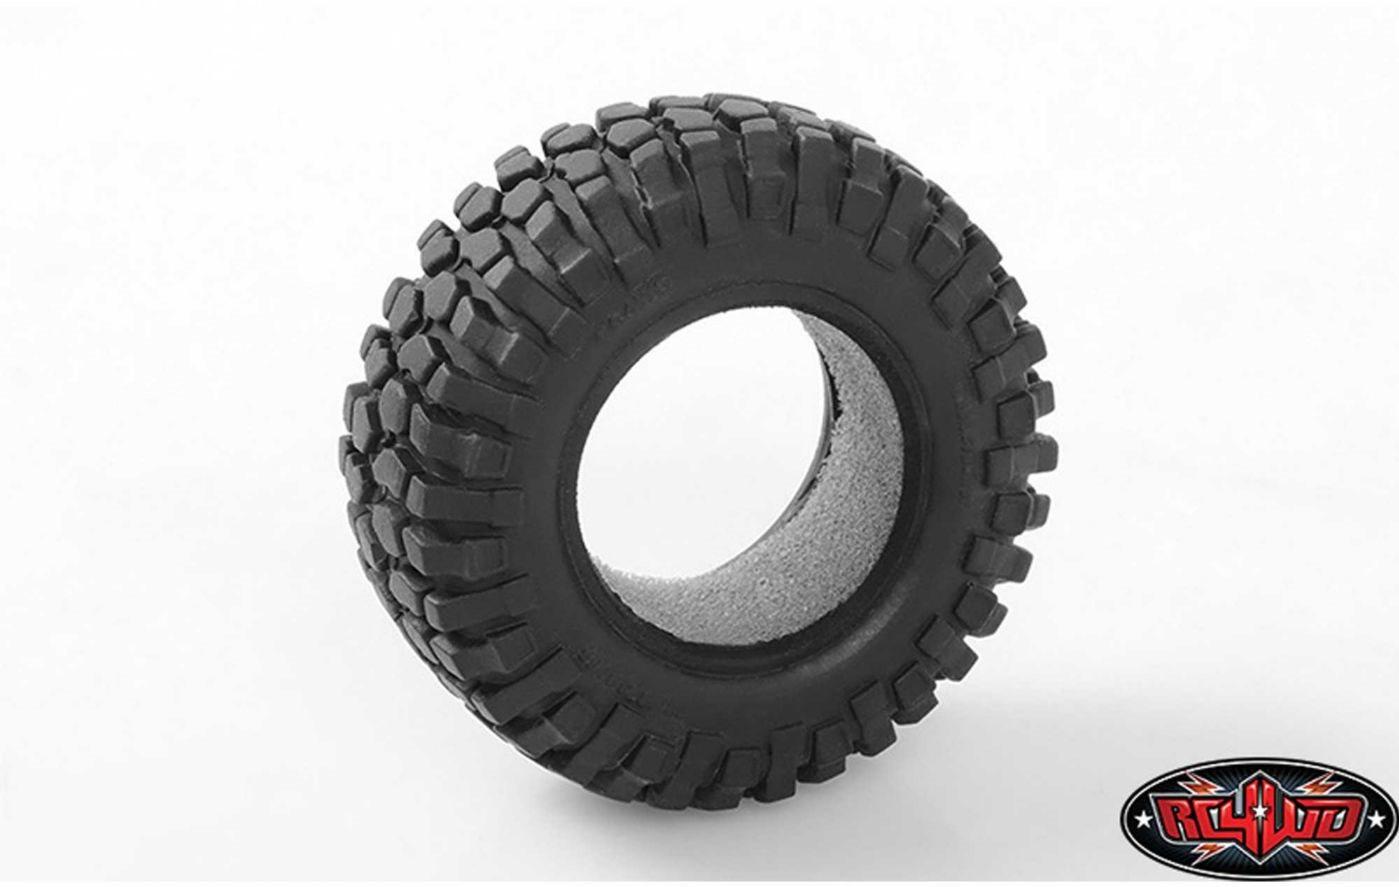 RC 4WD Micro Crawler Rock Crusher X/T Tires (2)